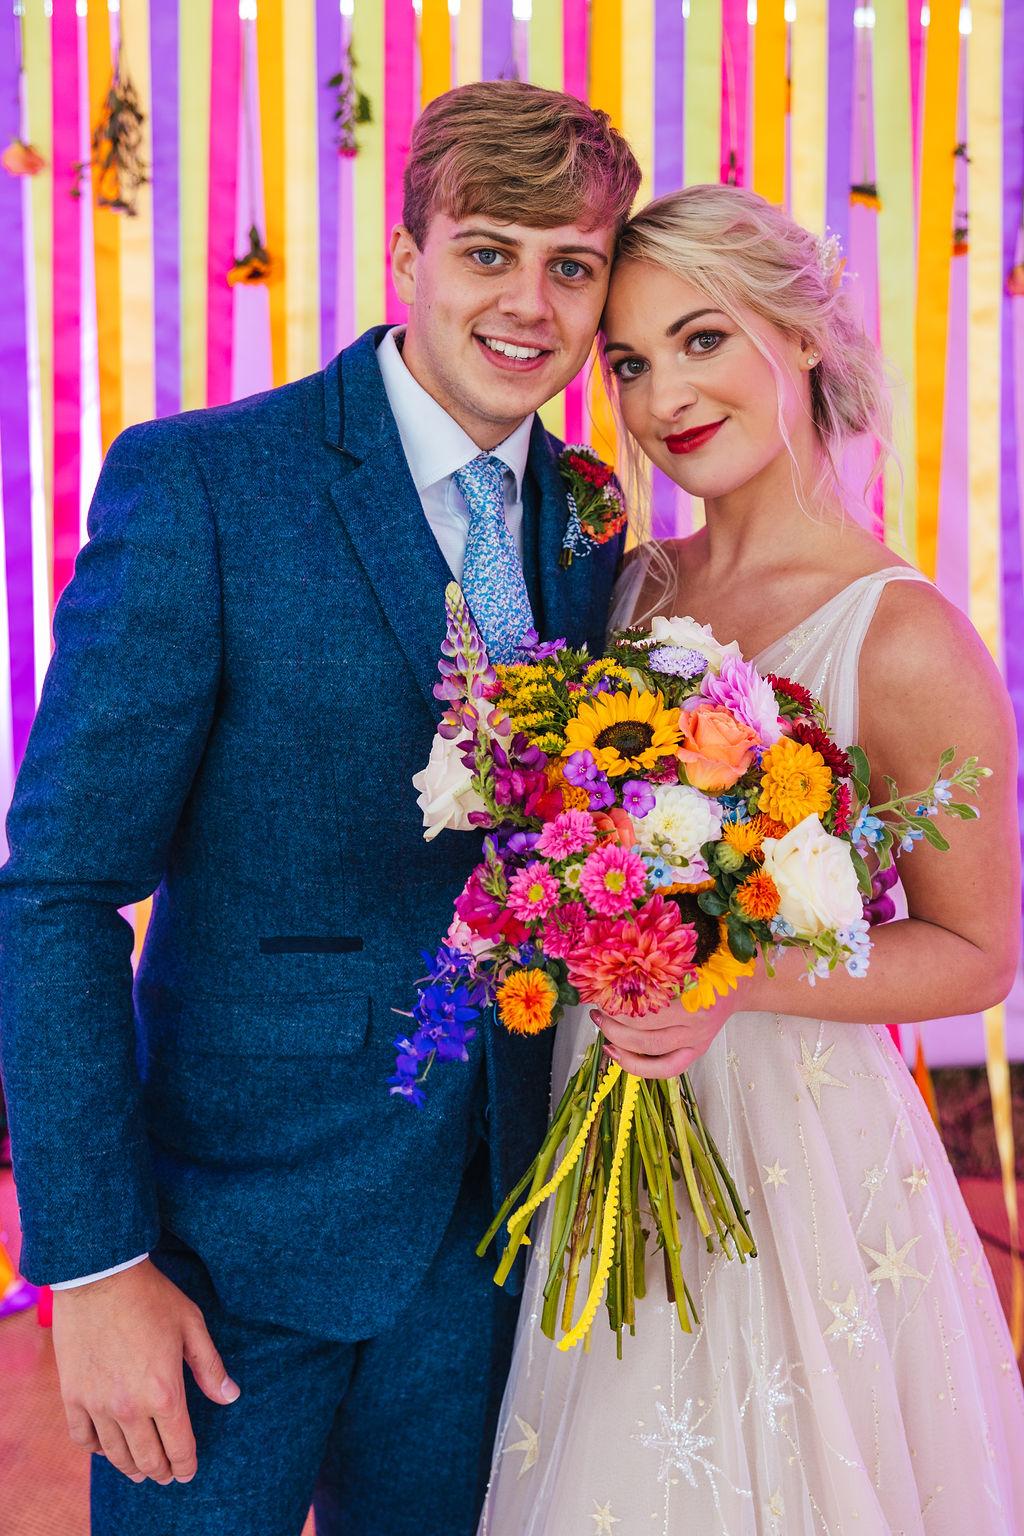 bright festival wedding - colourful wedding- colourful wedding flowers - rainbow wedding backdrop - ribbon wedding backdrop